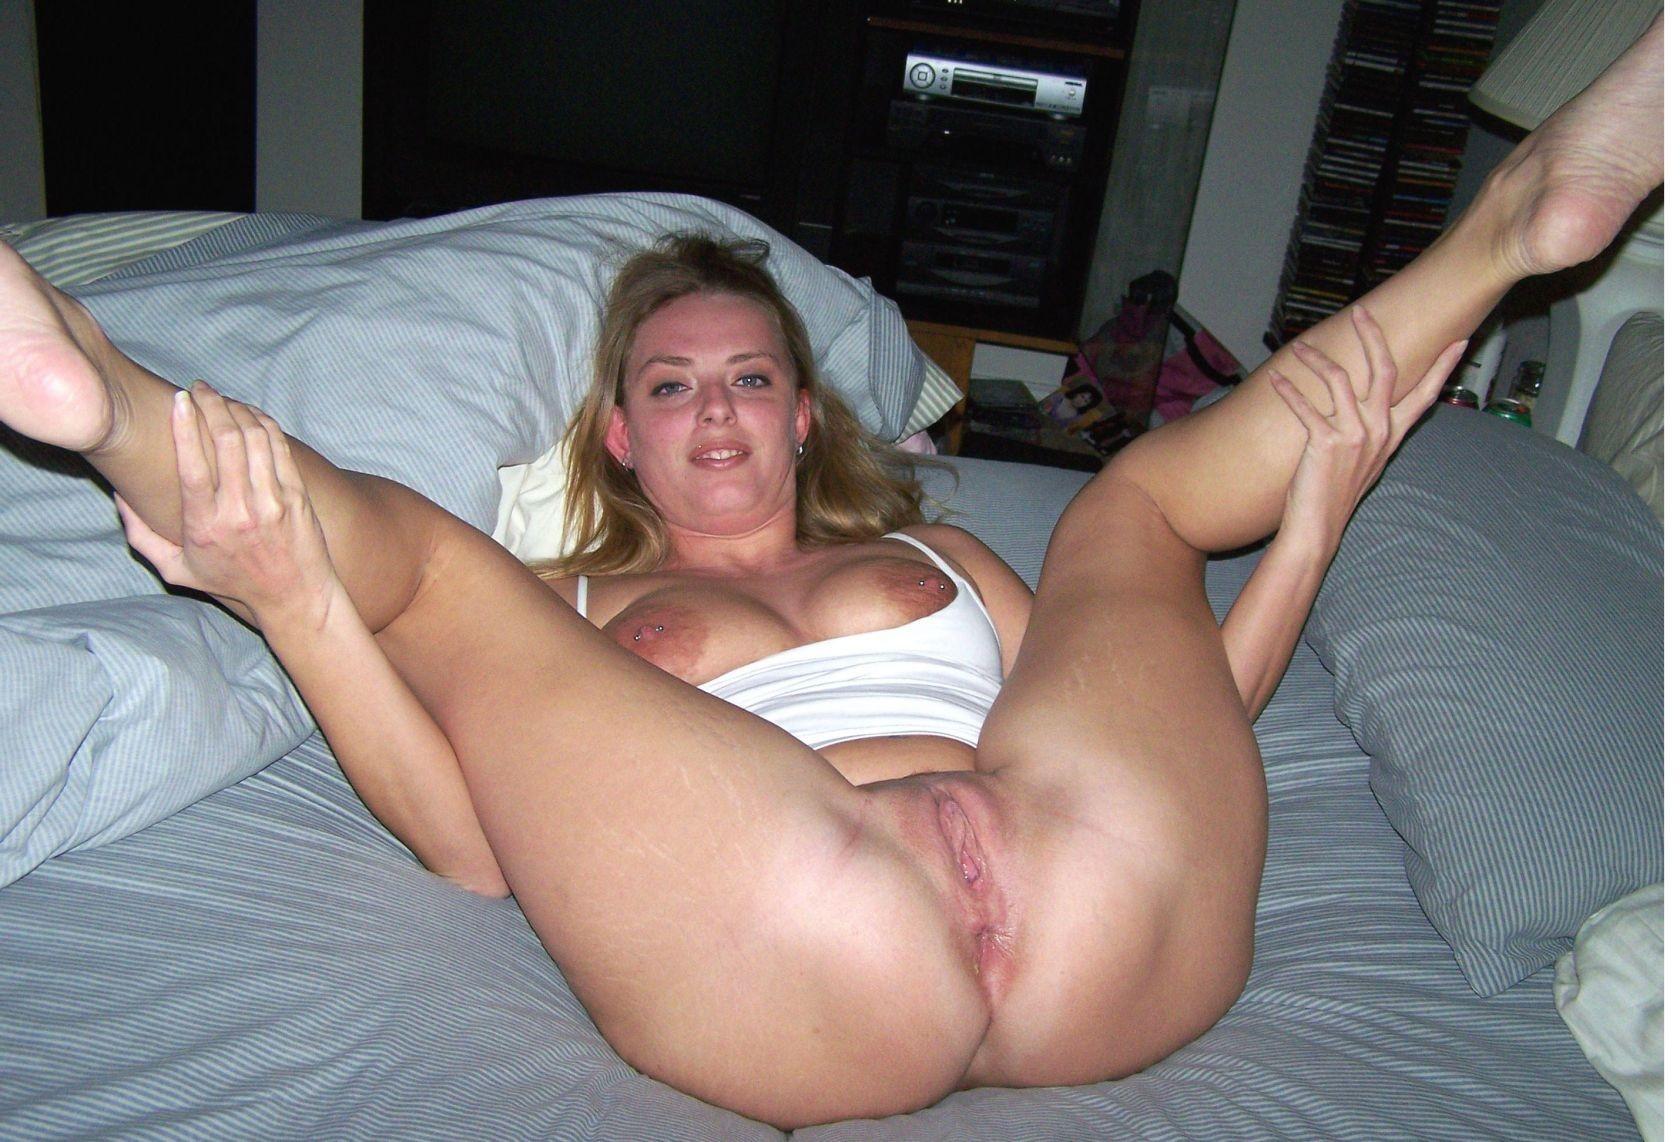 Very sexual lady, Teen sluts in panties keep gettig